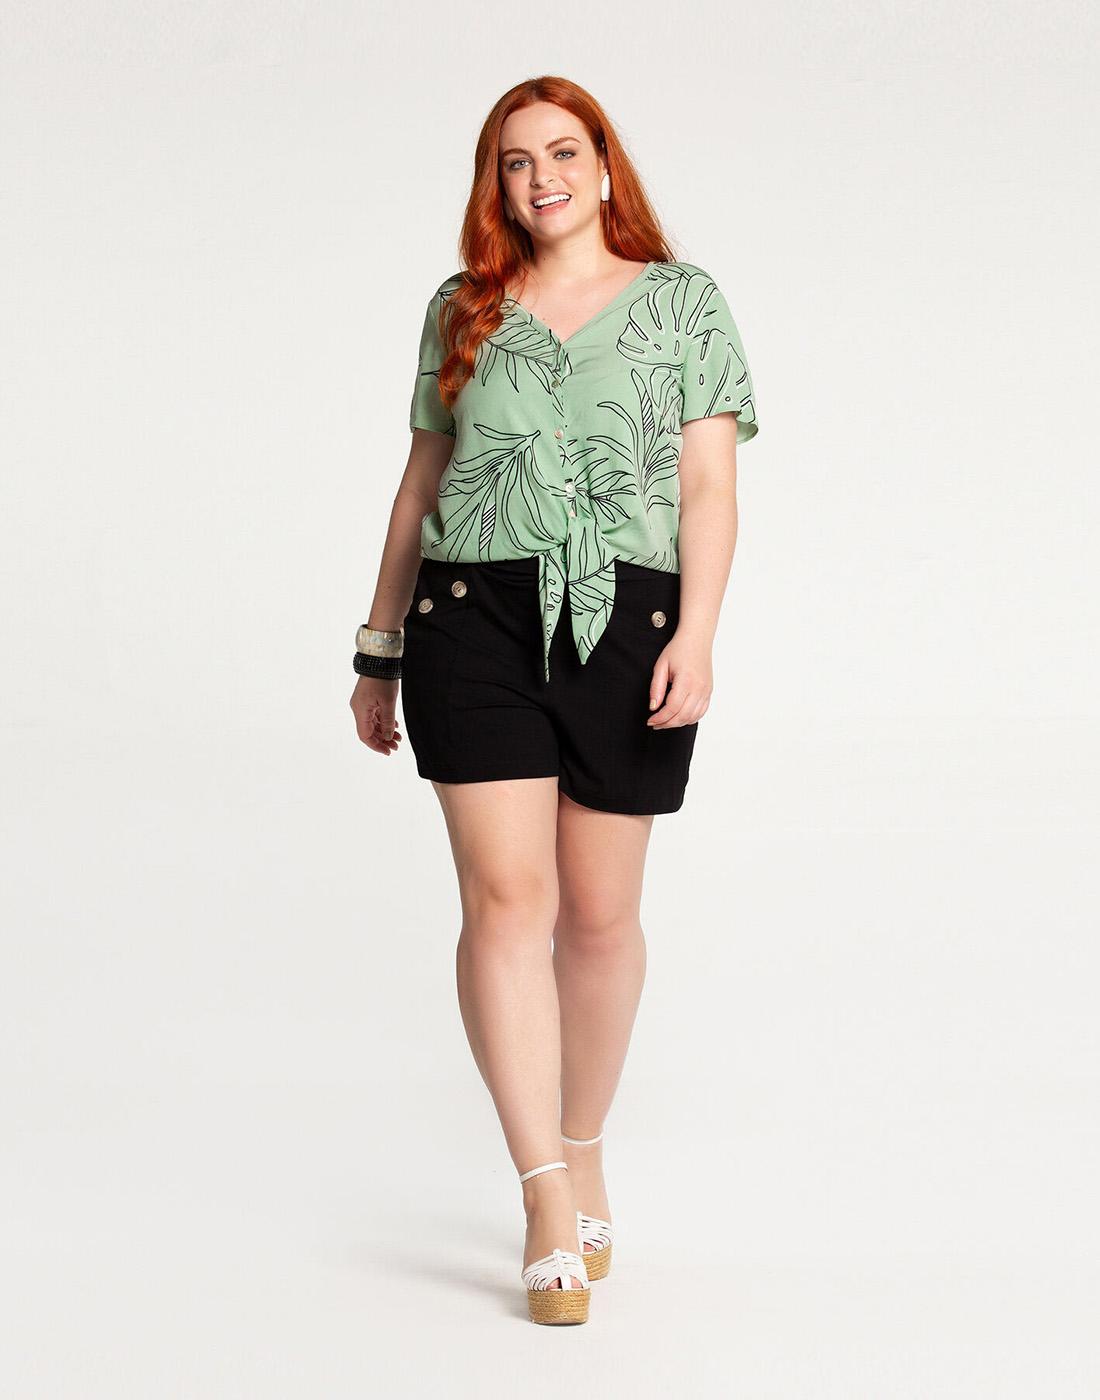 Camisa com Amarração Plus Size Tecido Rayon Verde Folletto Lunender Mais Mulher